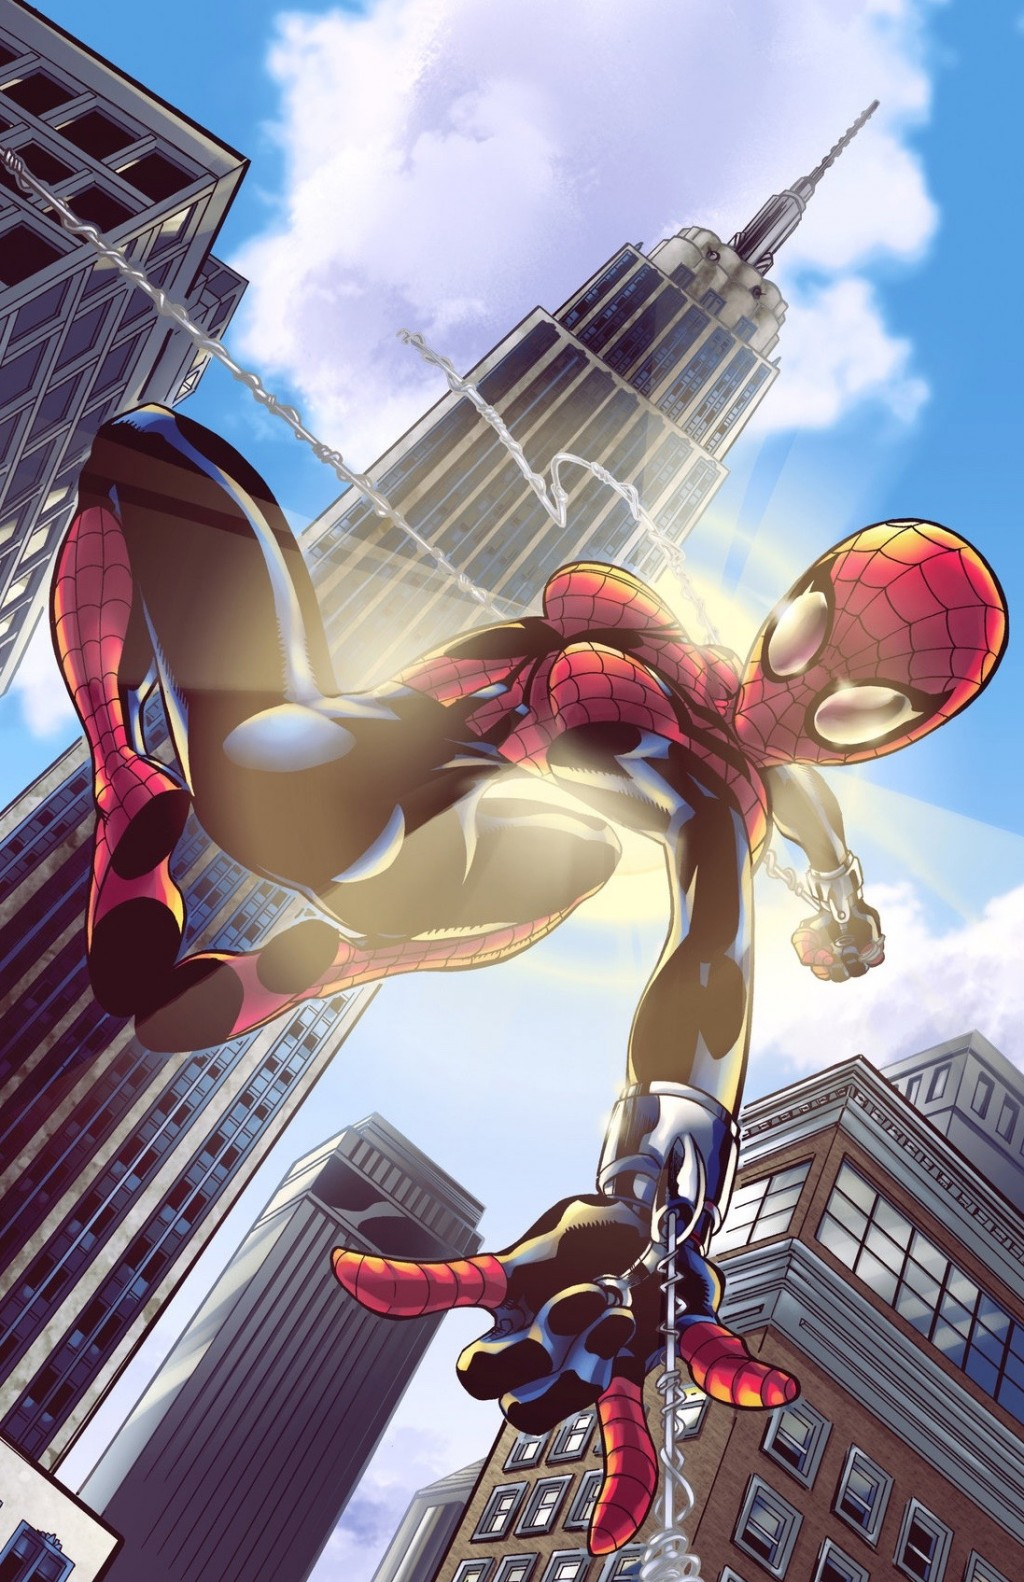 Человек-паук. Большая картинка 1024x1583px